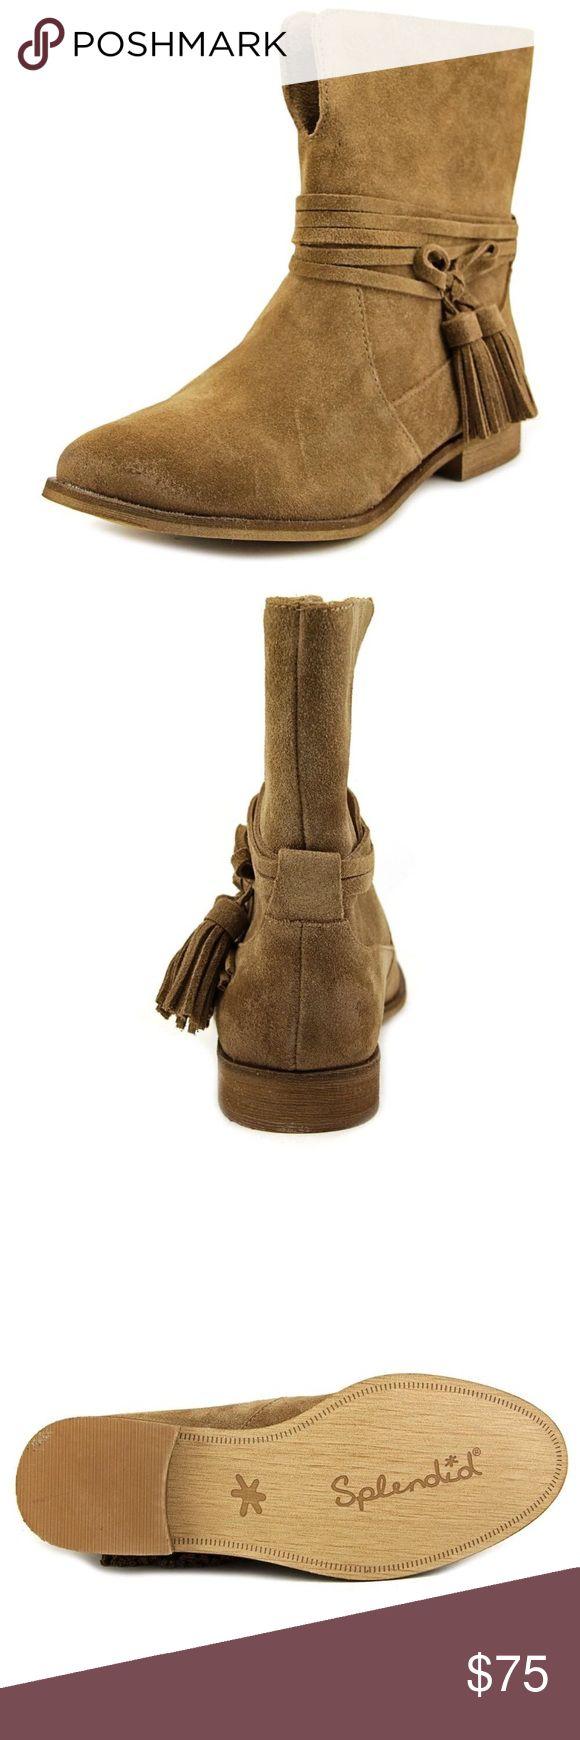 Splendid Tassel Pennie Booties Splendid Tassel Booties. Size 9. New in Box. Suede in dark tan. Splendid Shoes Ankle Boots & Booties